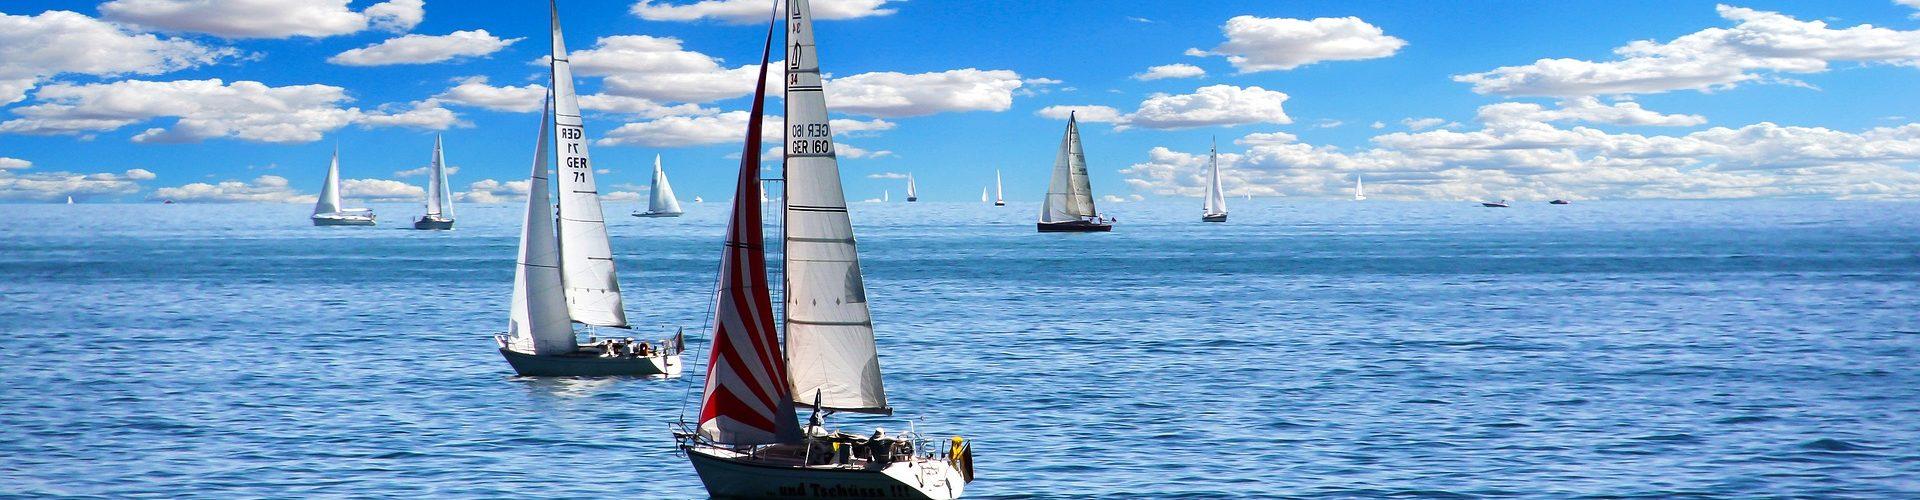 segeln lernen in Flensburg segelschein machen in Flensburg 1920x500 - Segeln lernen in Flensburg